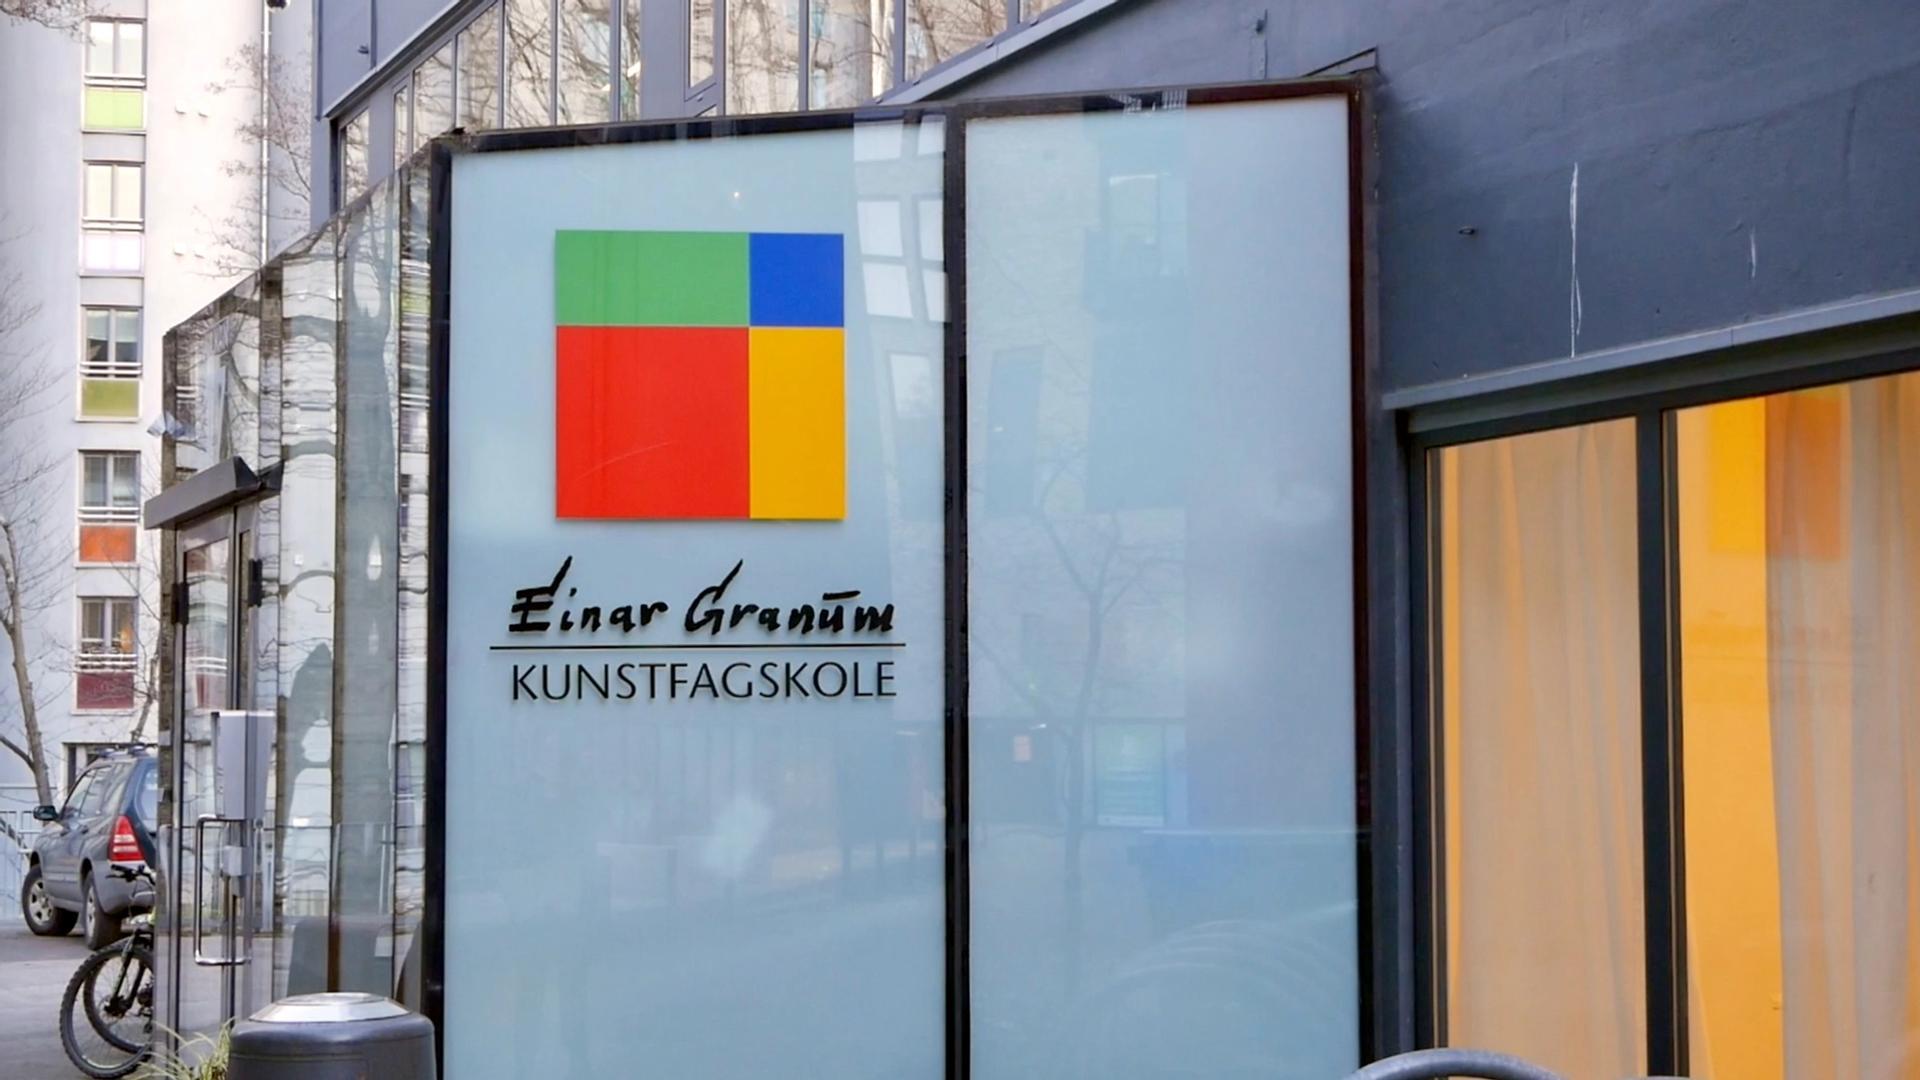 Einar Granum Kunstfagskole